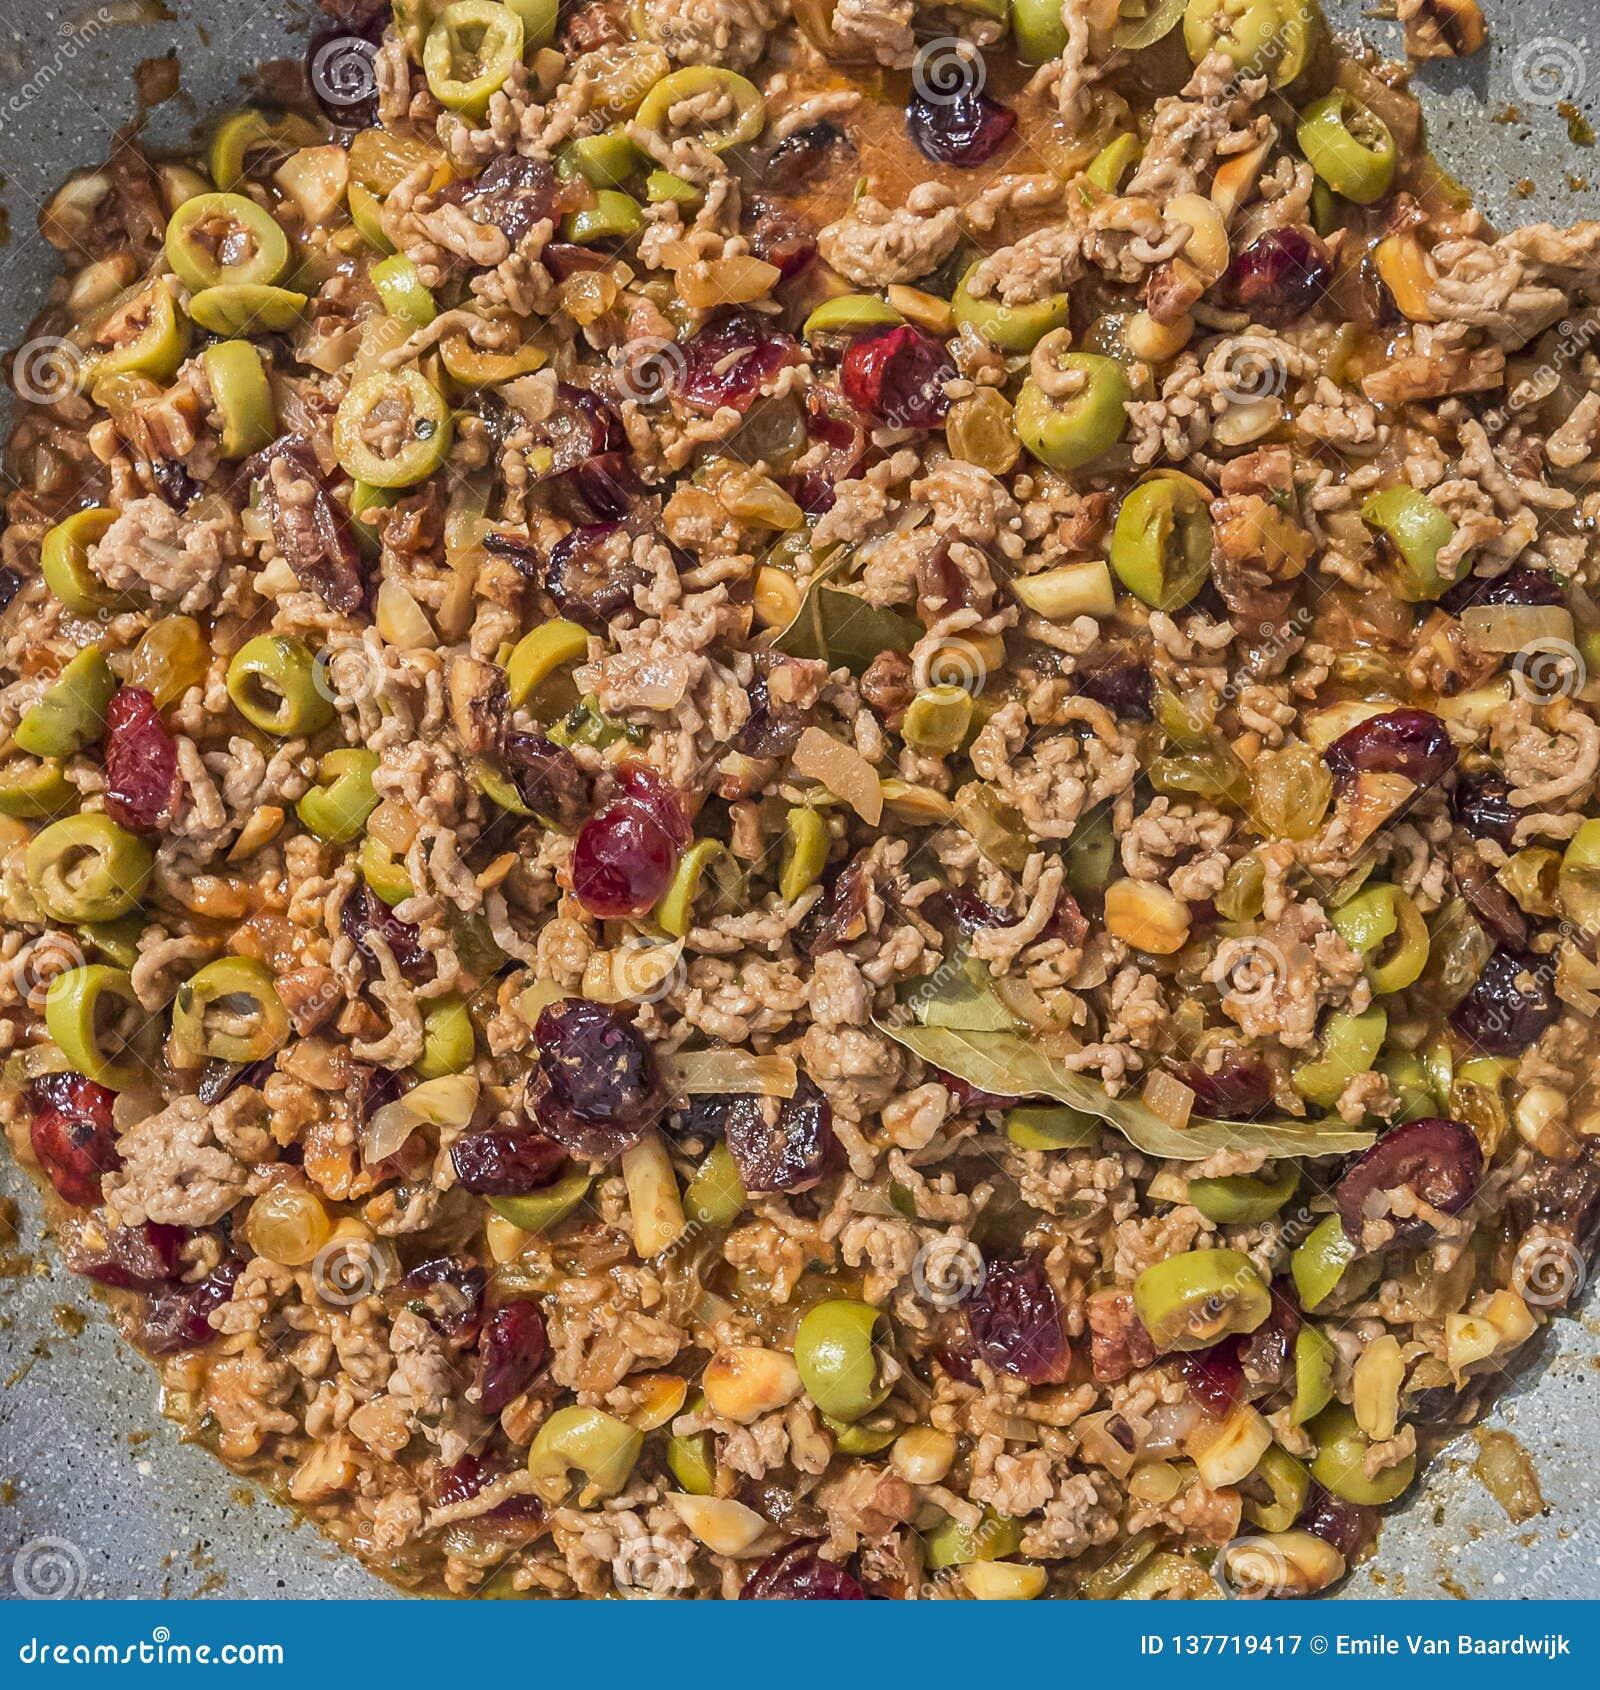 Εικόνα μιας πλήρωσης με το επίγειο κρέας, τις ελιές, τις σταφίδες, τα τα βακκίνια, τα ξύλα καρυδιάς, τα αμύγδαλα, το φύλλο κόλπων